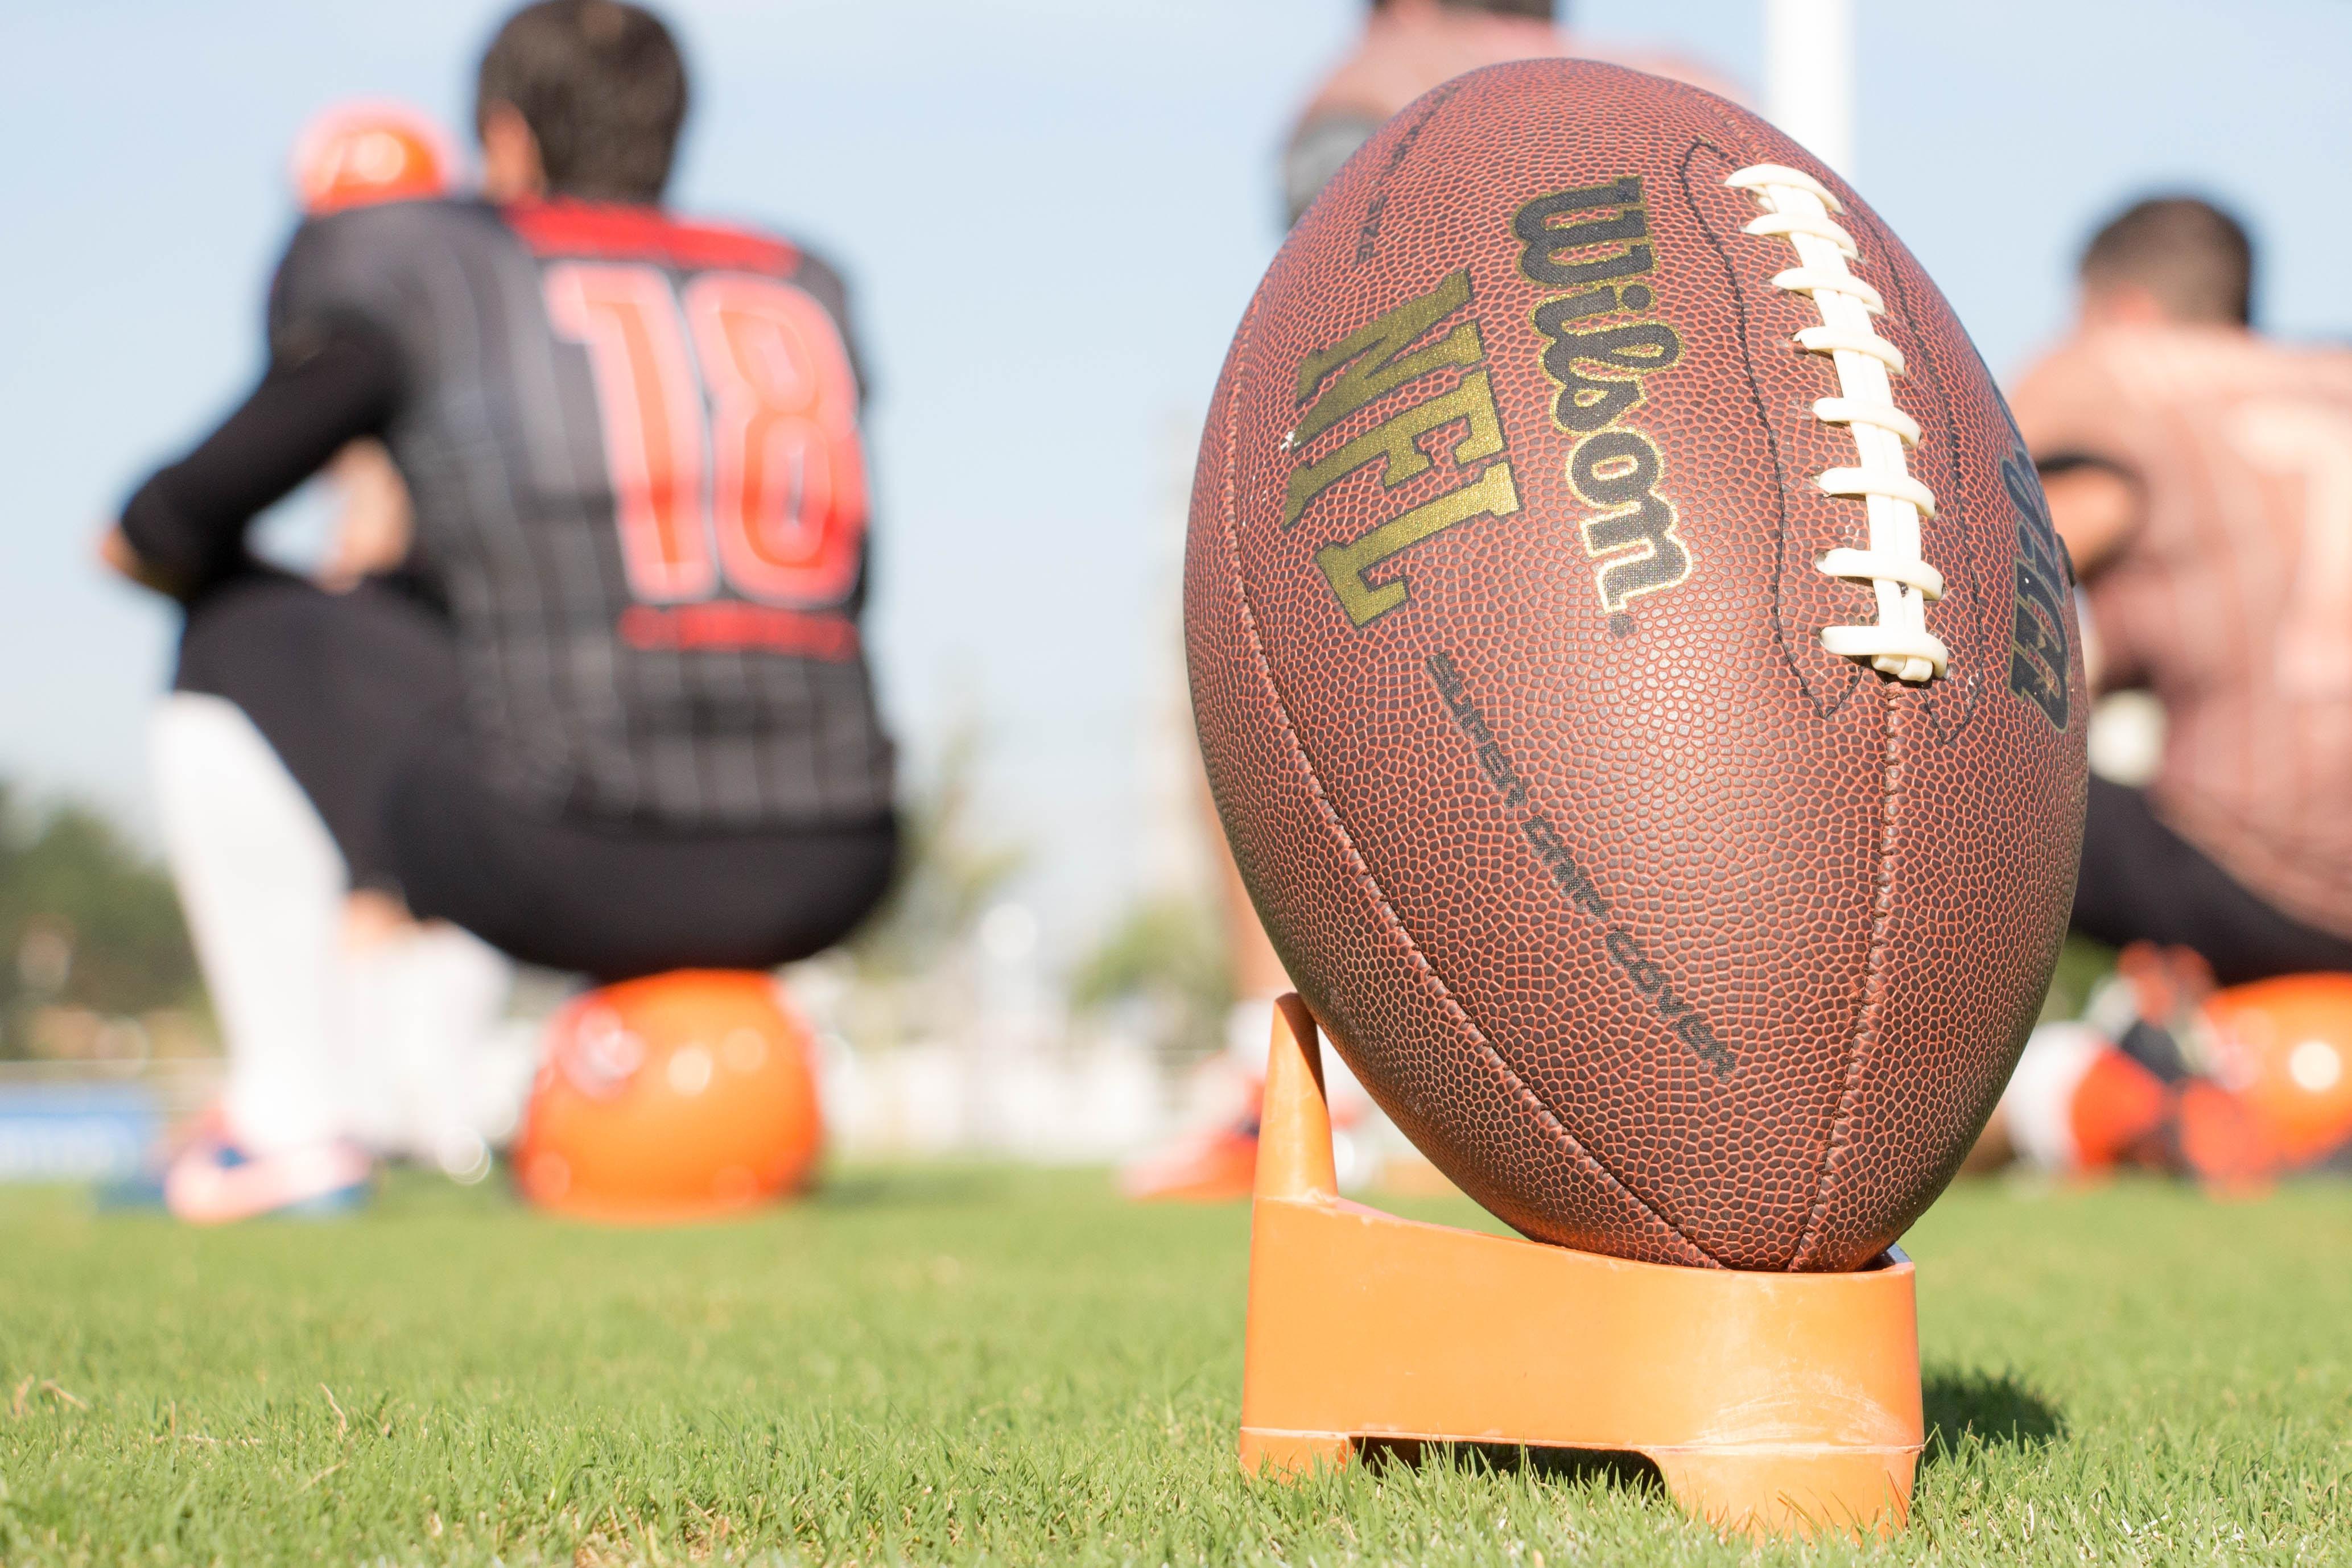 Macro view of a Wilson NFL football ball with a stand at the Pontifícia Universidade Católica do the Rio Grande do Sul